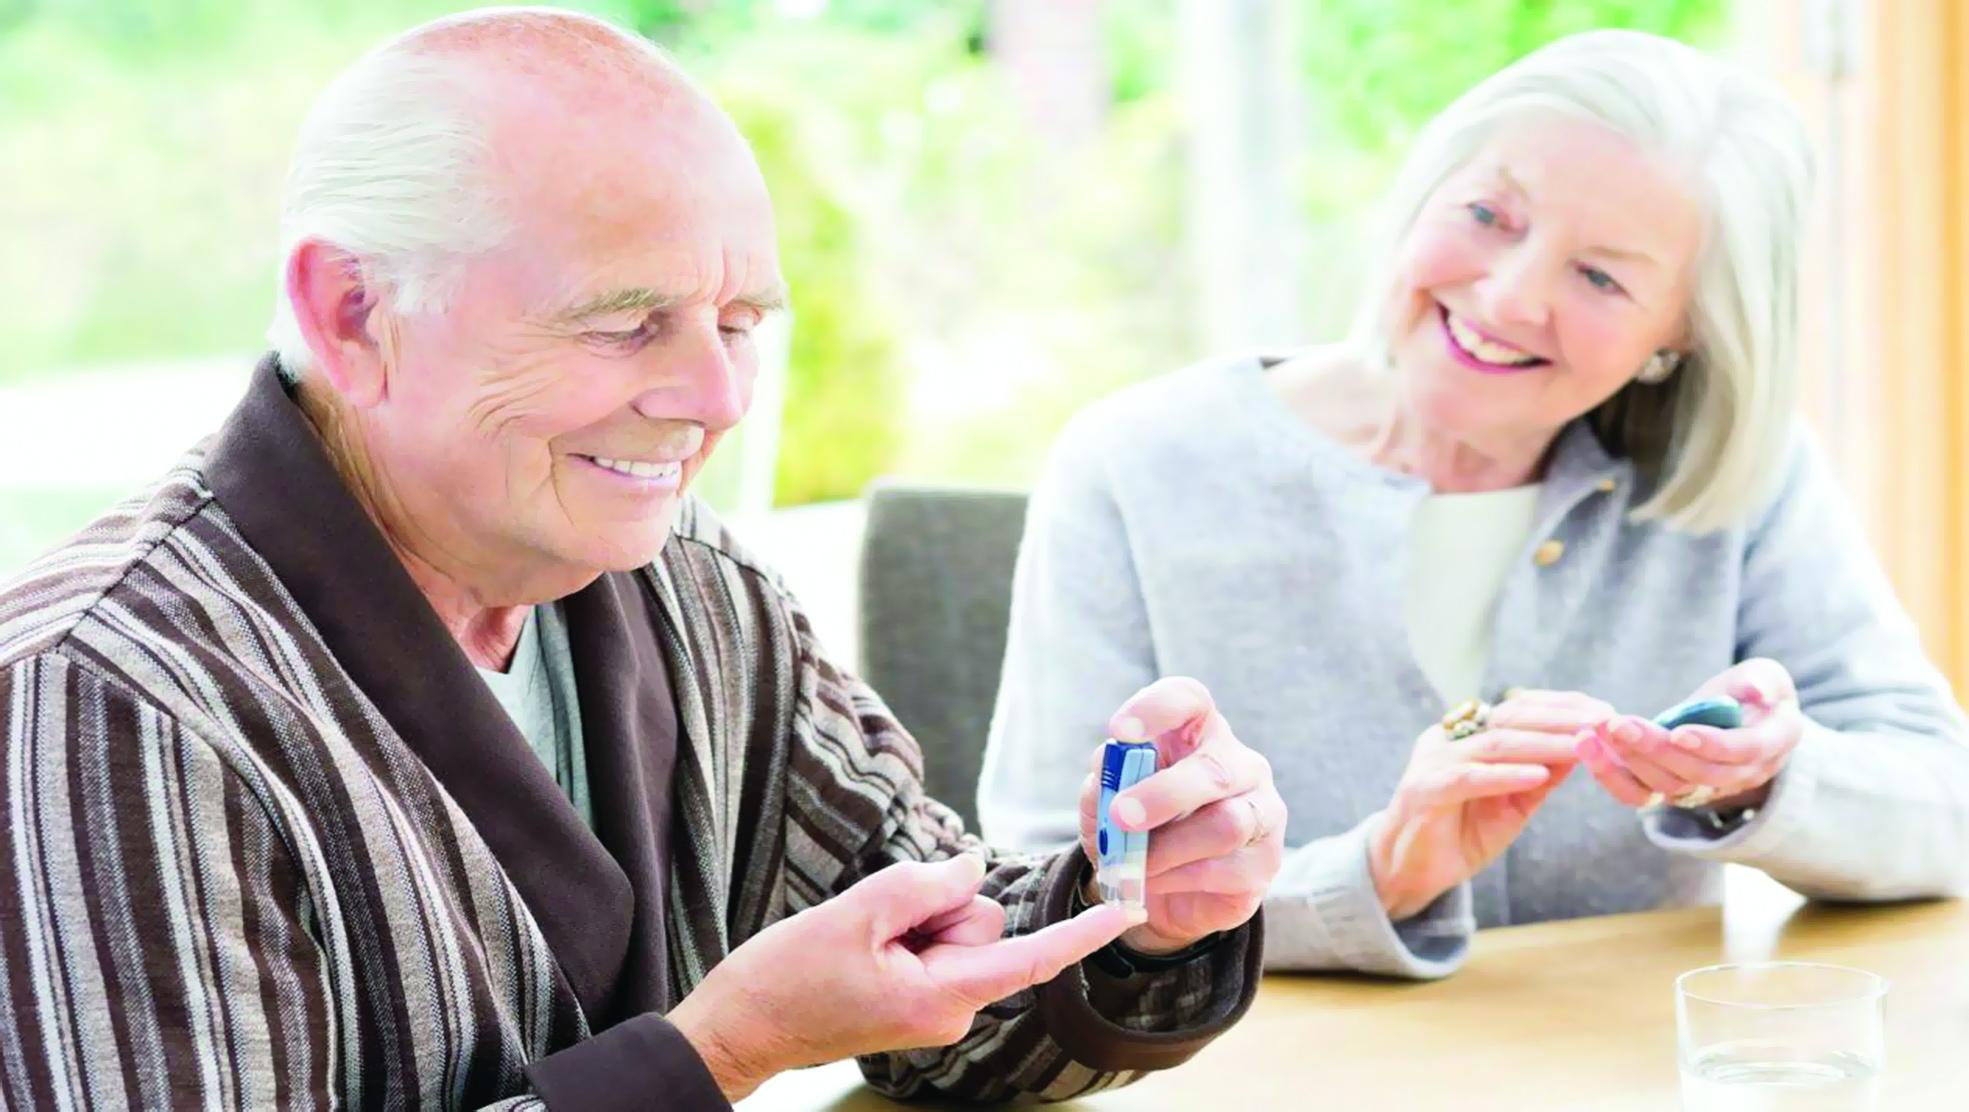 الرأفة بالنفس تساعد مرضى السكري على مرضهم